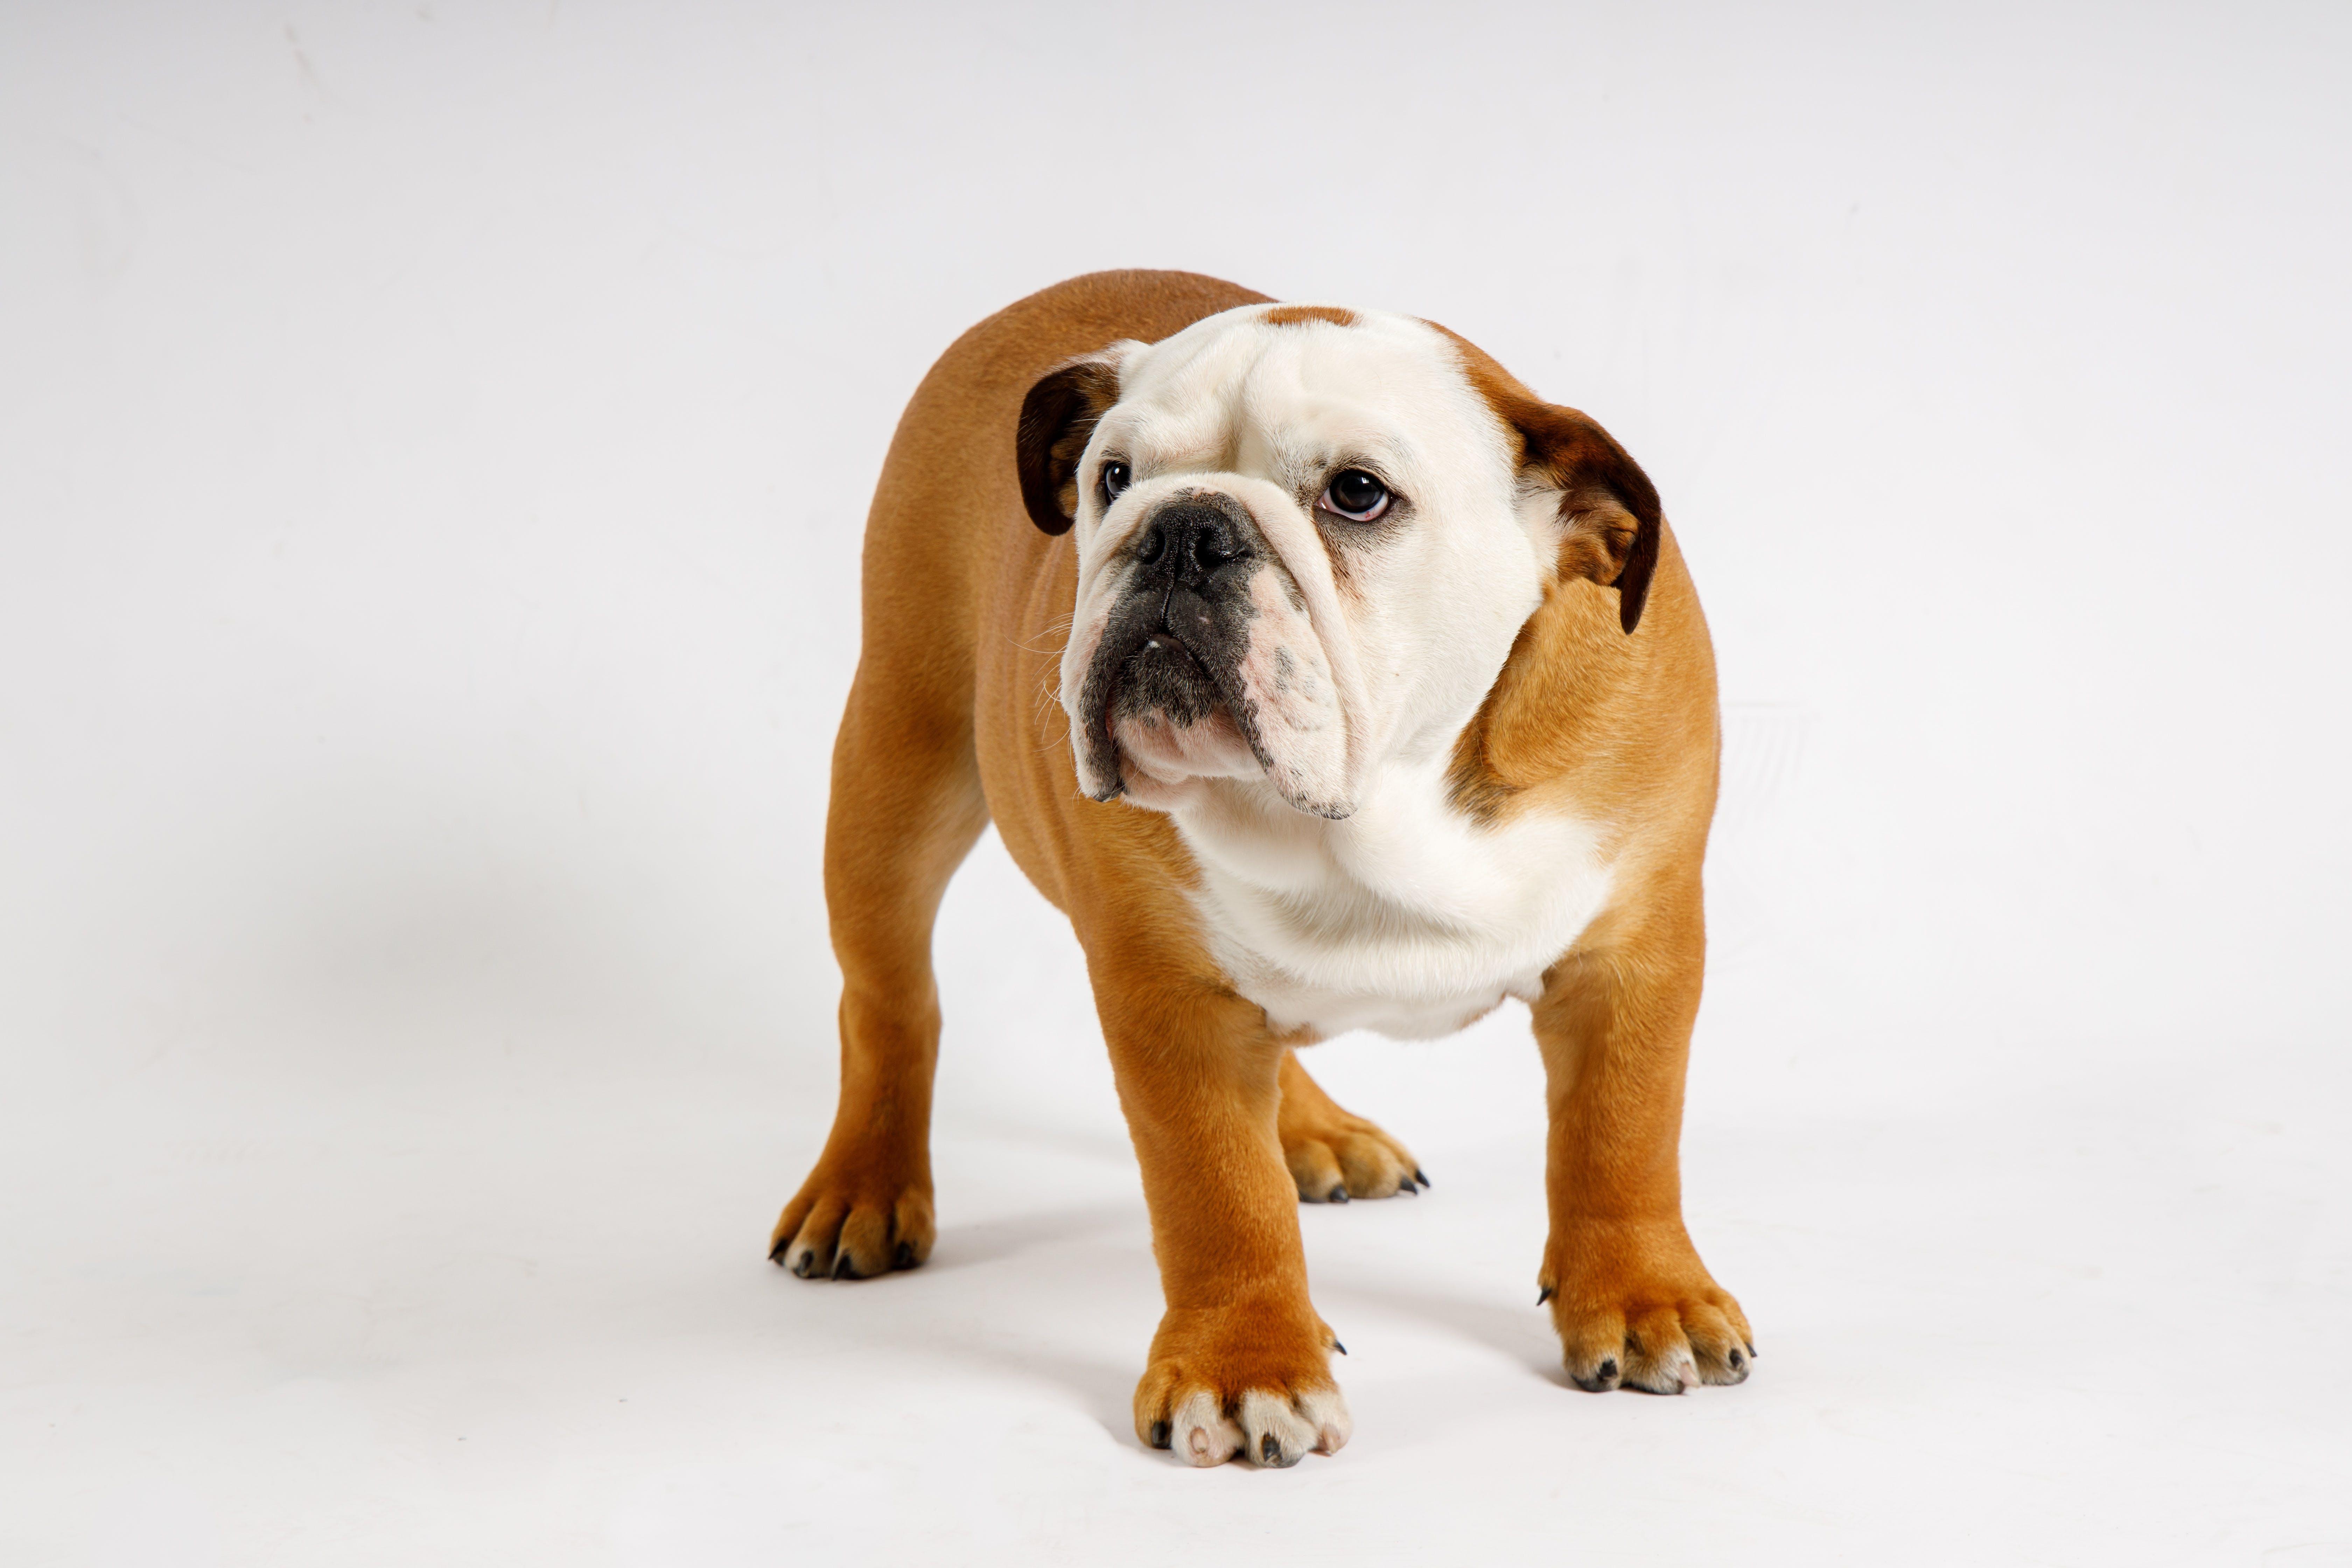 Gratis lagerfoto af engelsk bulldog, hvalp, hvid baggrund, studio lys